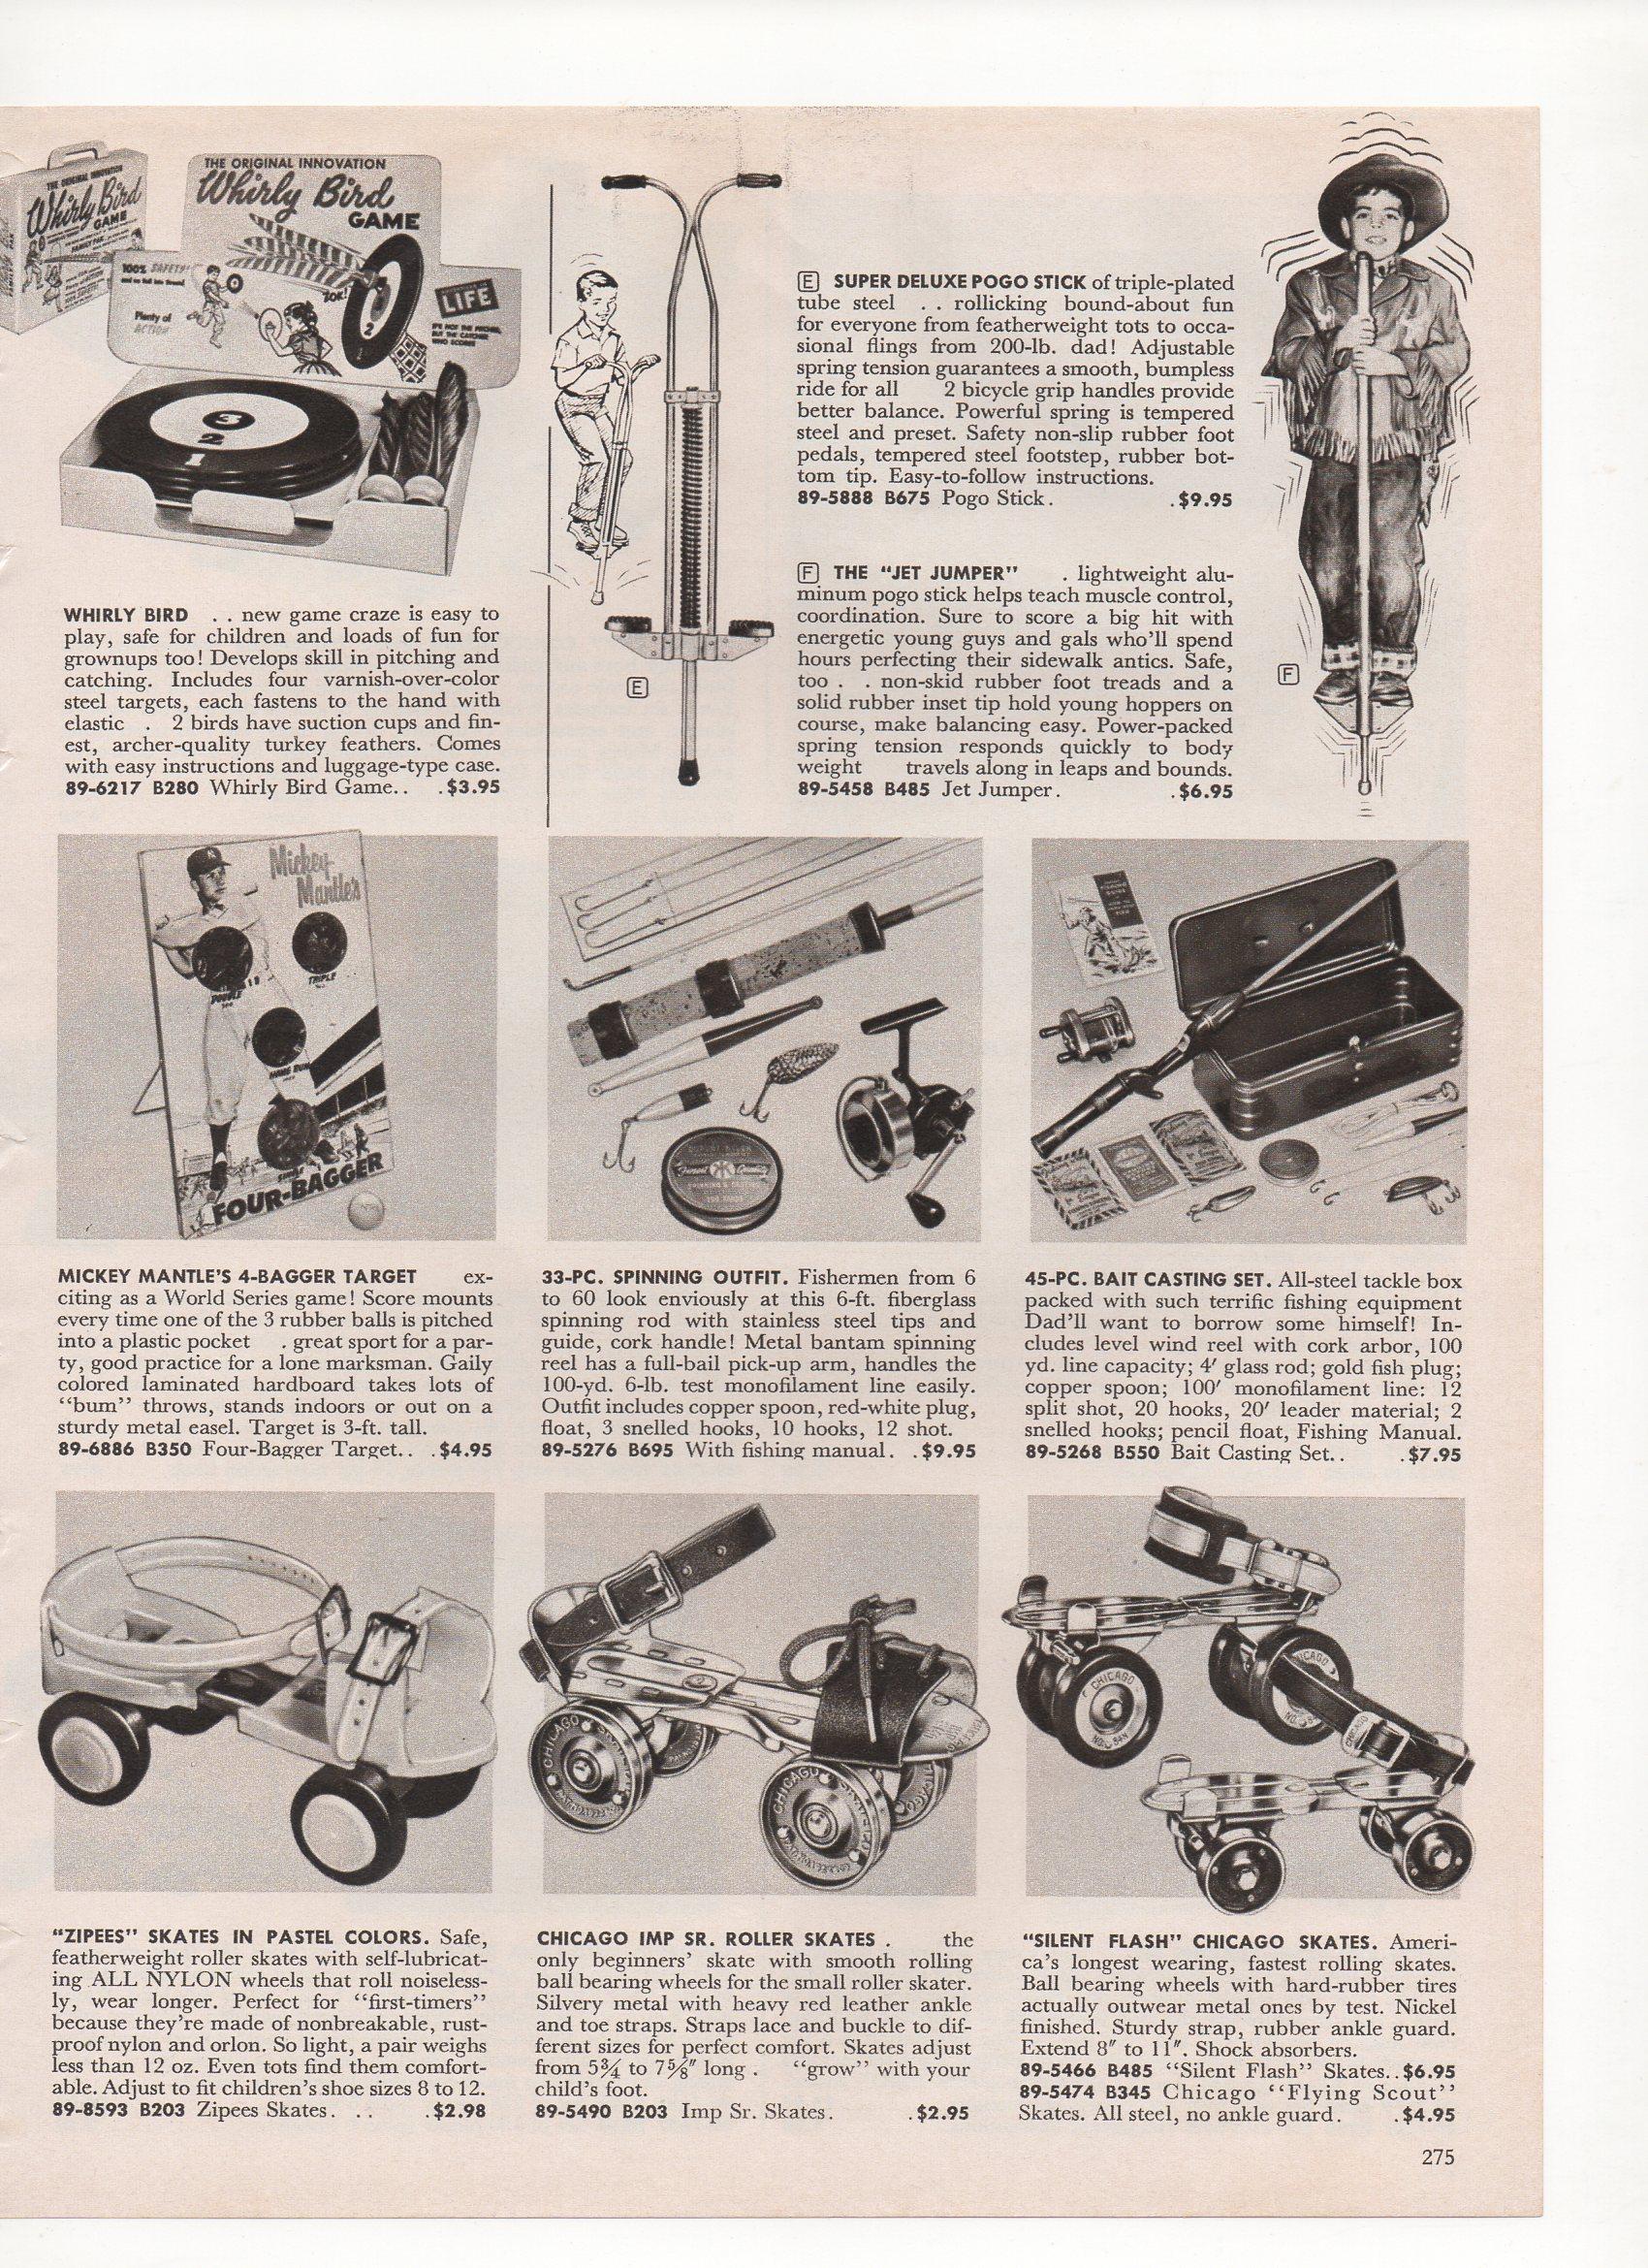 1958 john plains catalog